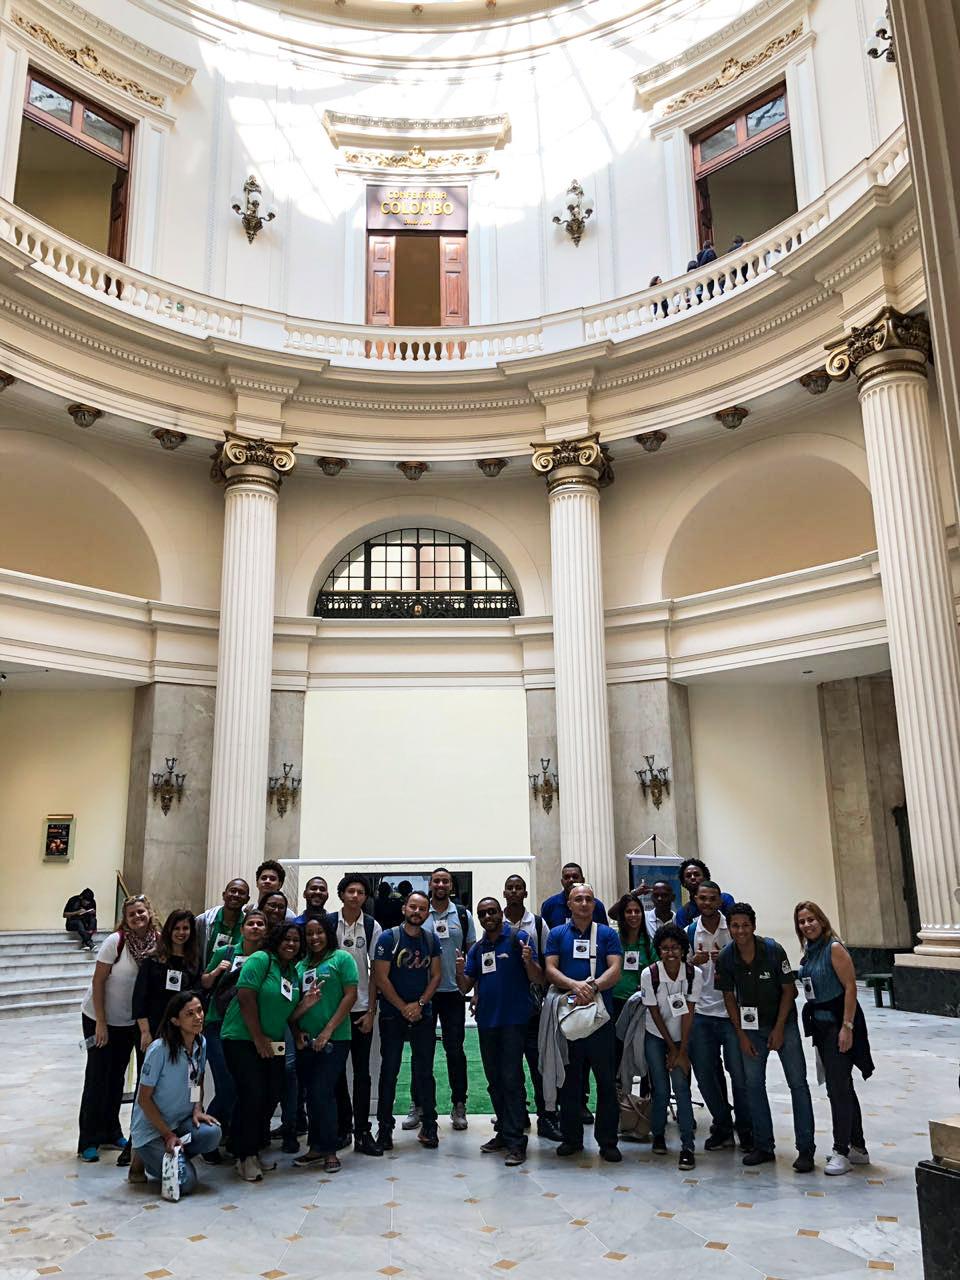 Circuito Rio Antigo : Tjrj promove 5º circuito cultural u2013 rio antigo tribunal de justiça